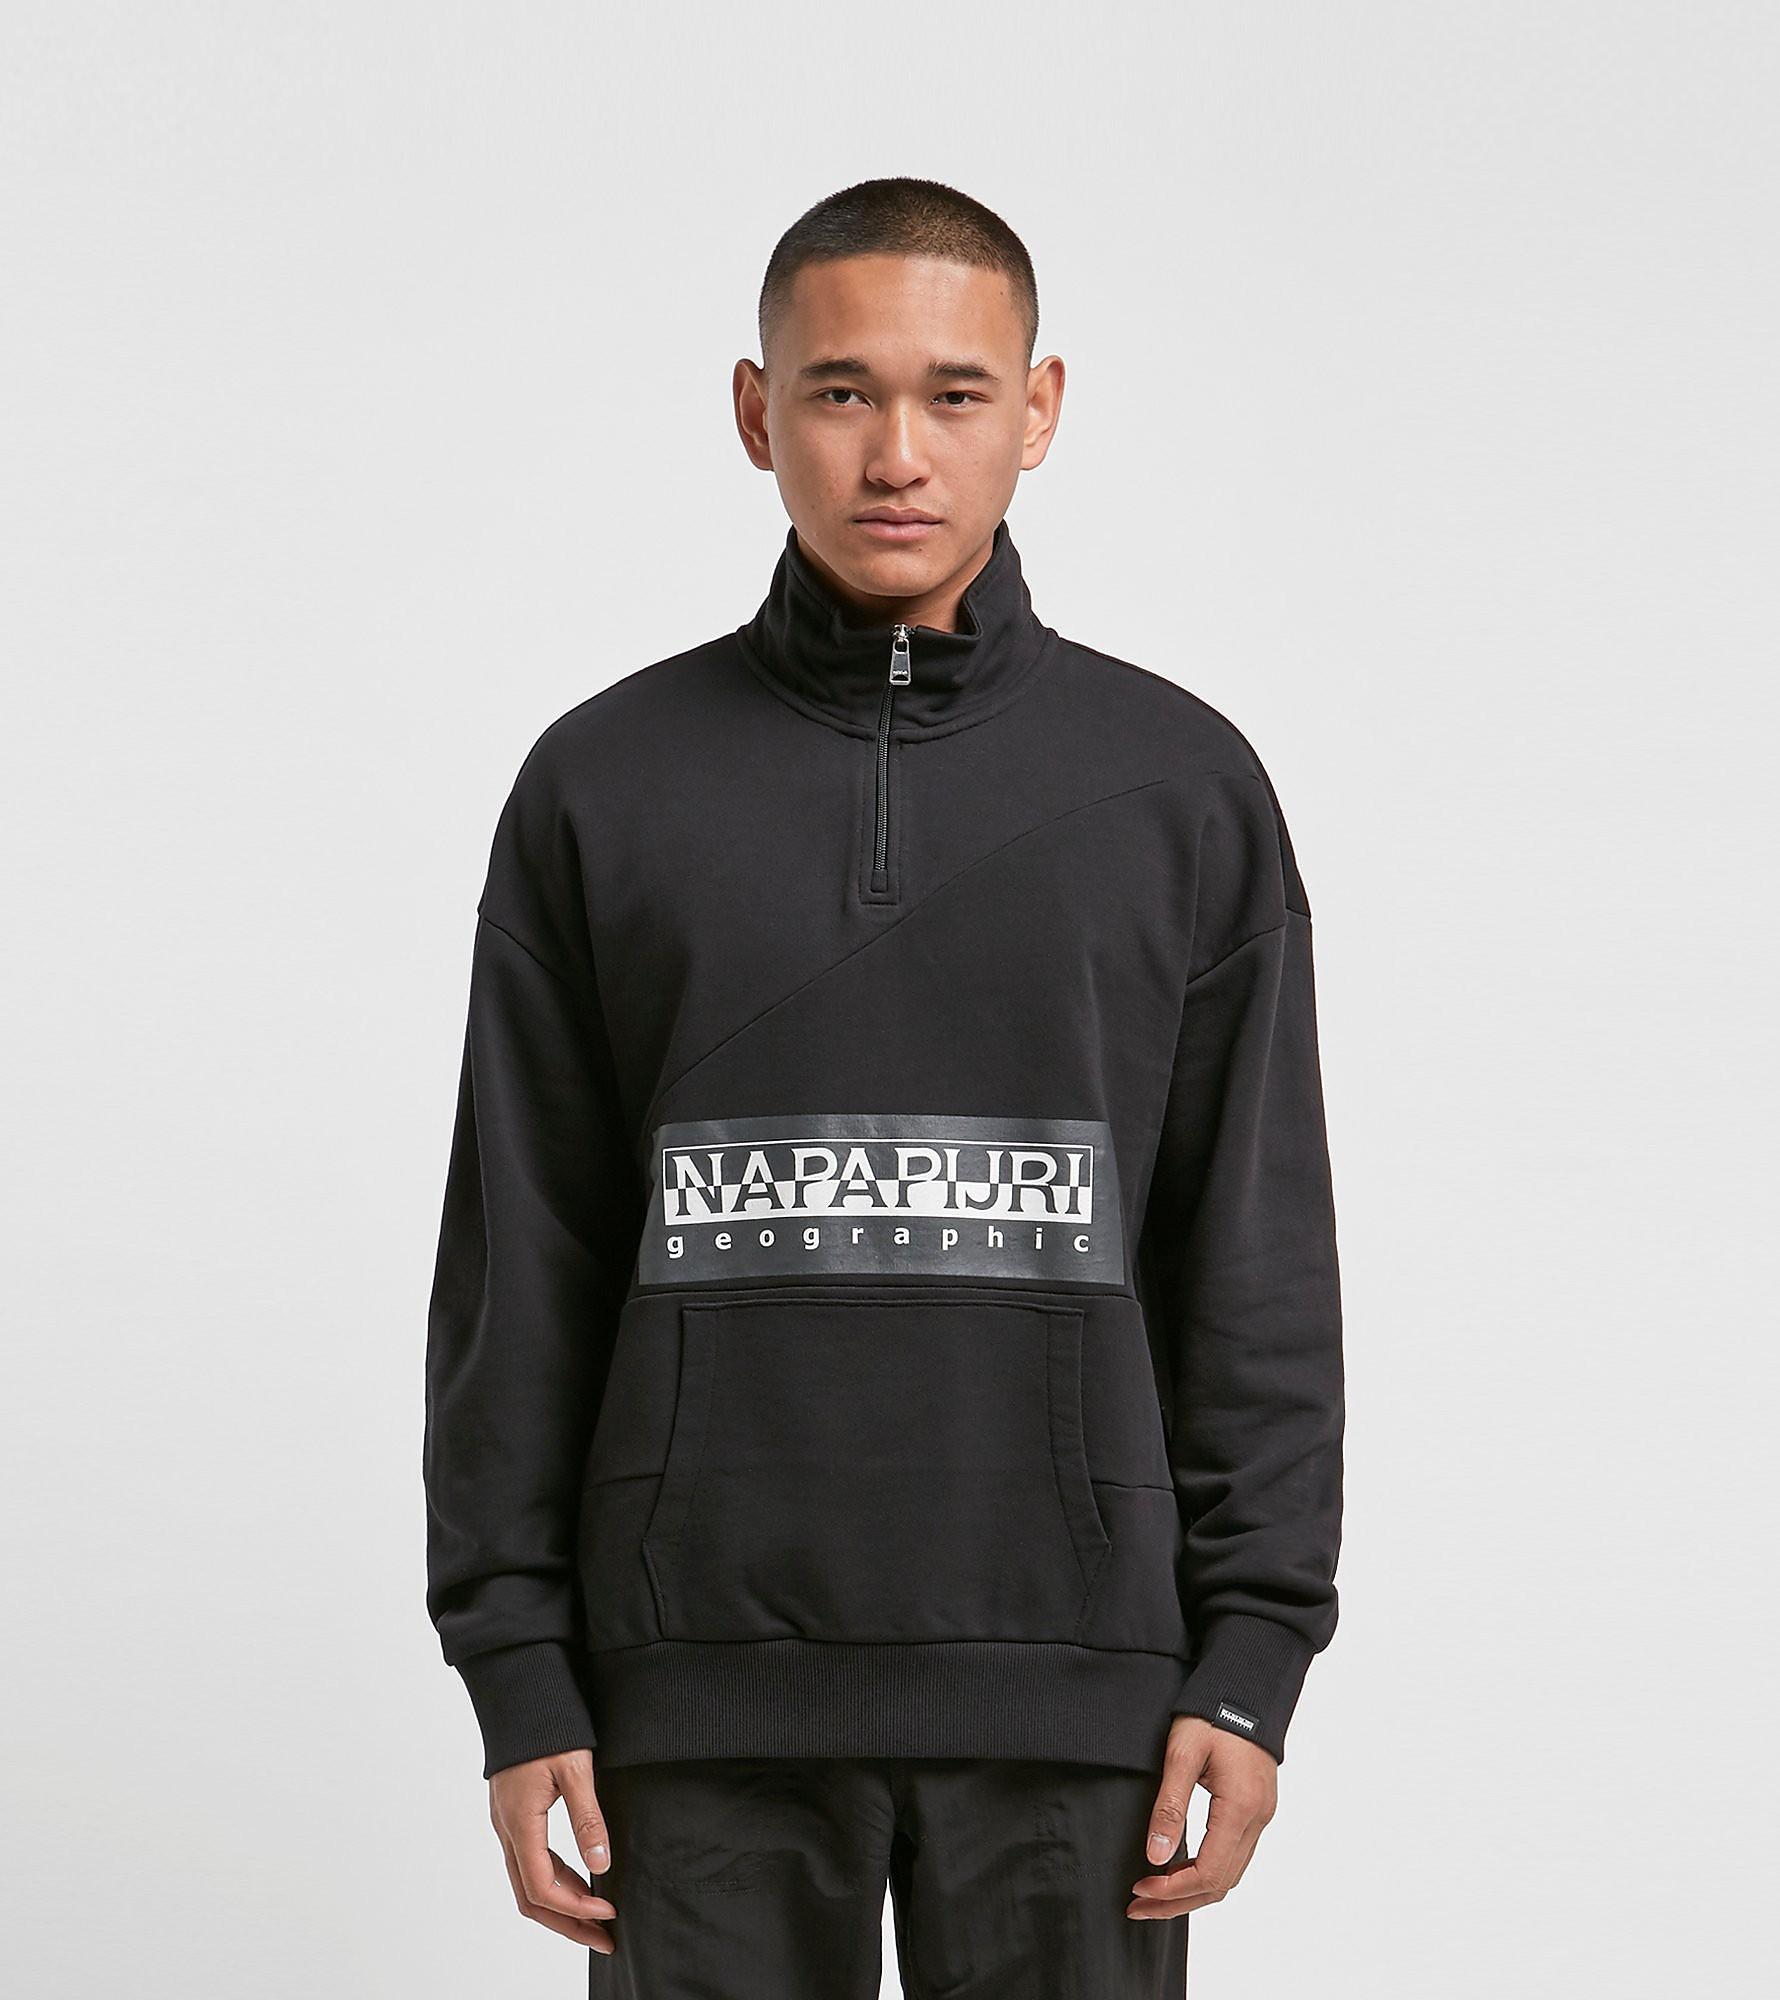 Napapijri Bek Half Zip Sweatshirt Black